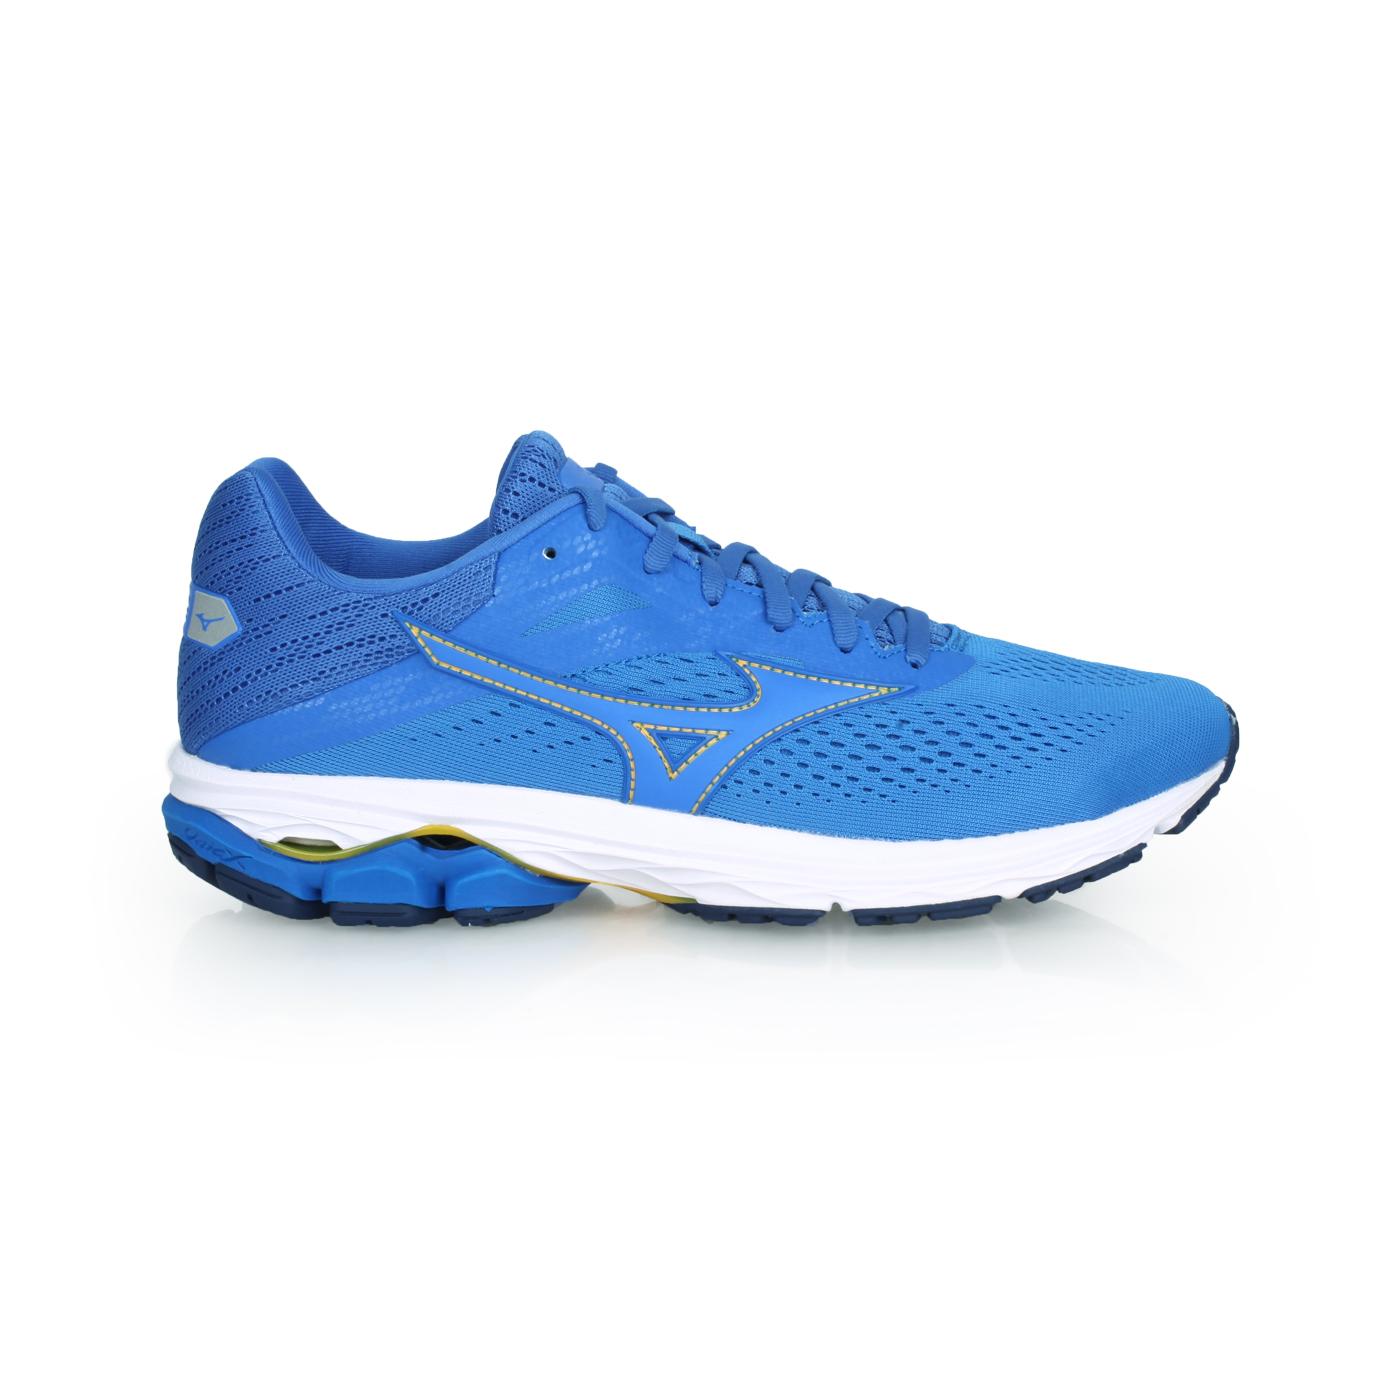 MIZUNO 男款慢跑鞋  @WAVE RIDER 23@J1GC190324 - 藍黃